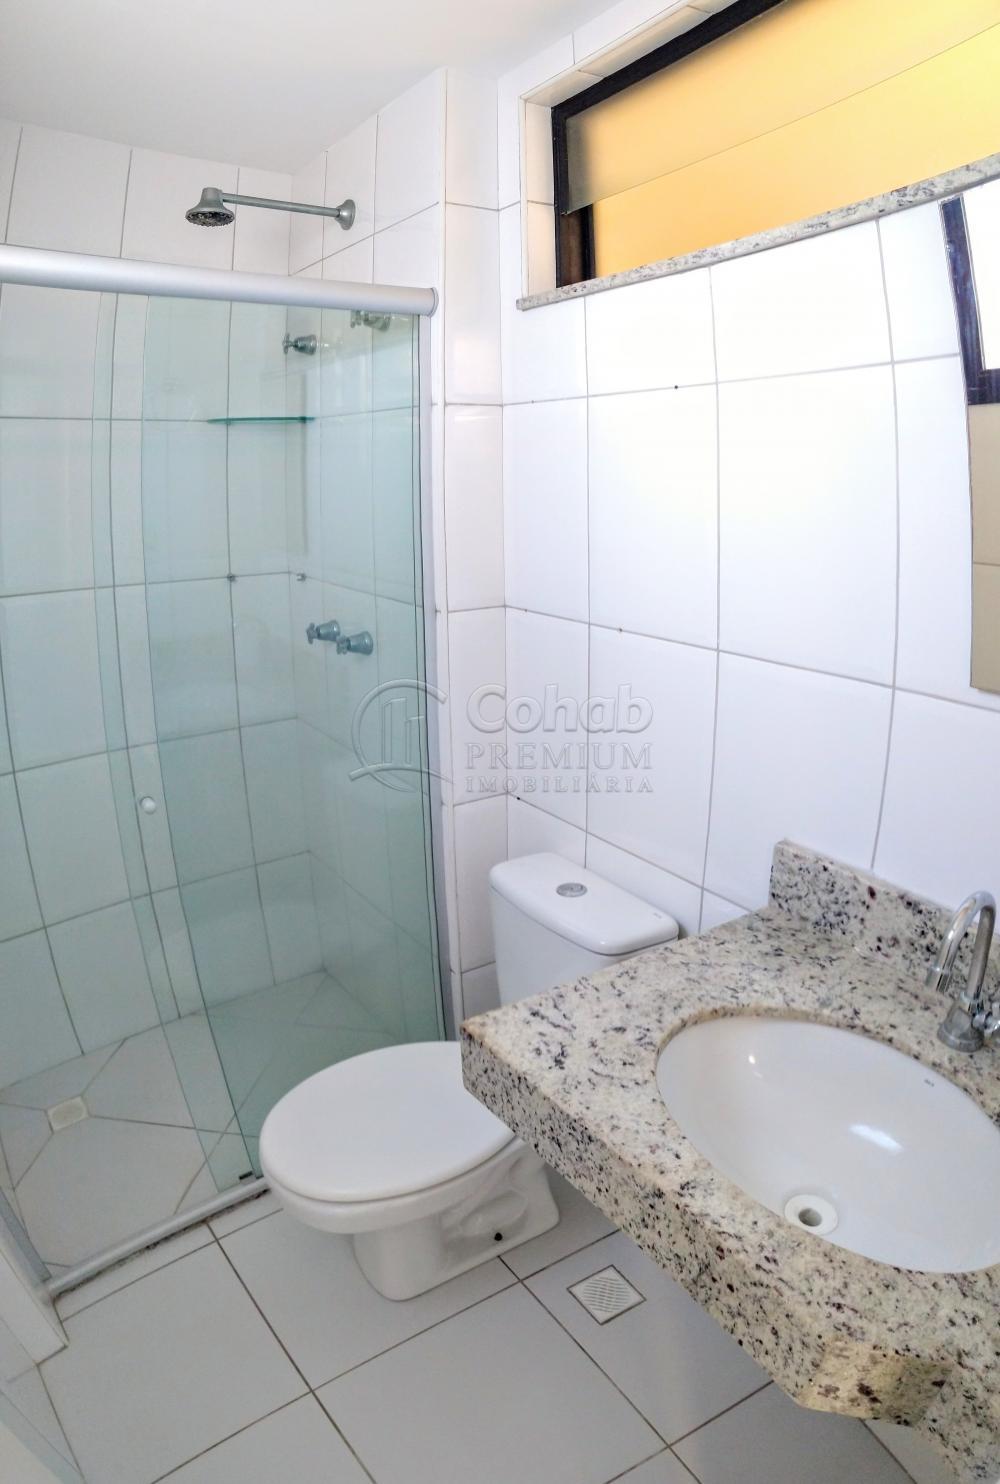 Alugar Apartamento / Padrão em Aracaju apenas R$ 1.300,00 - Foto 11